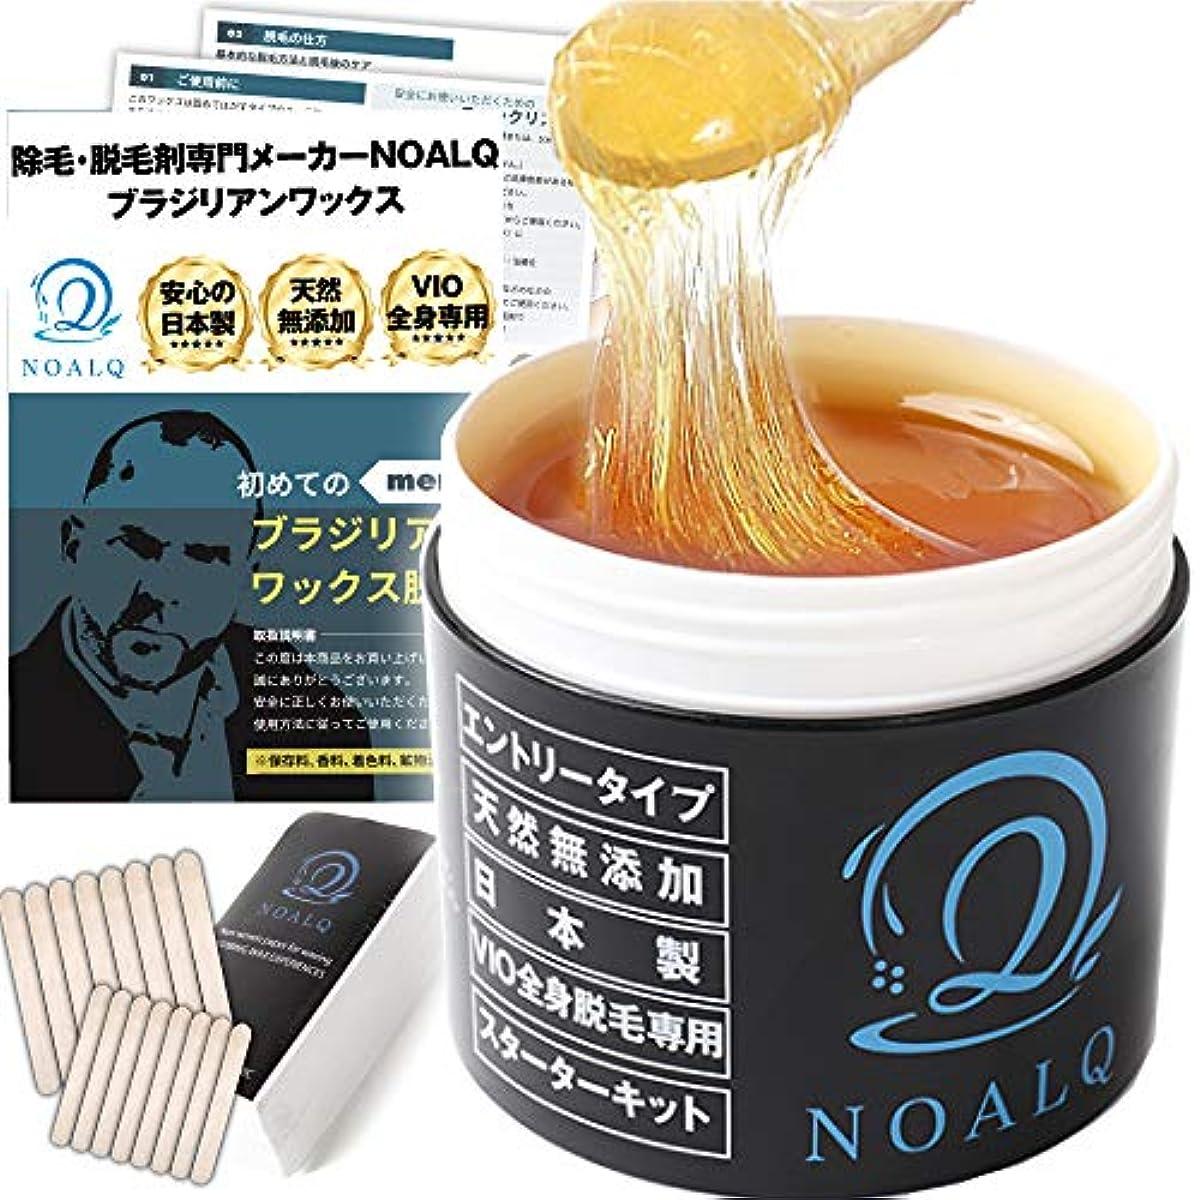 スズメバチプロテスタント一見NOALQ(ノアルク) ブラジリアンワックス エントリータイプ 天然無添加素材 純国産100% VIO 全身脱毛専用 スターターキット